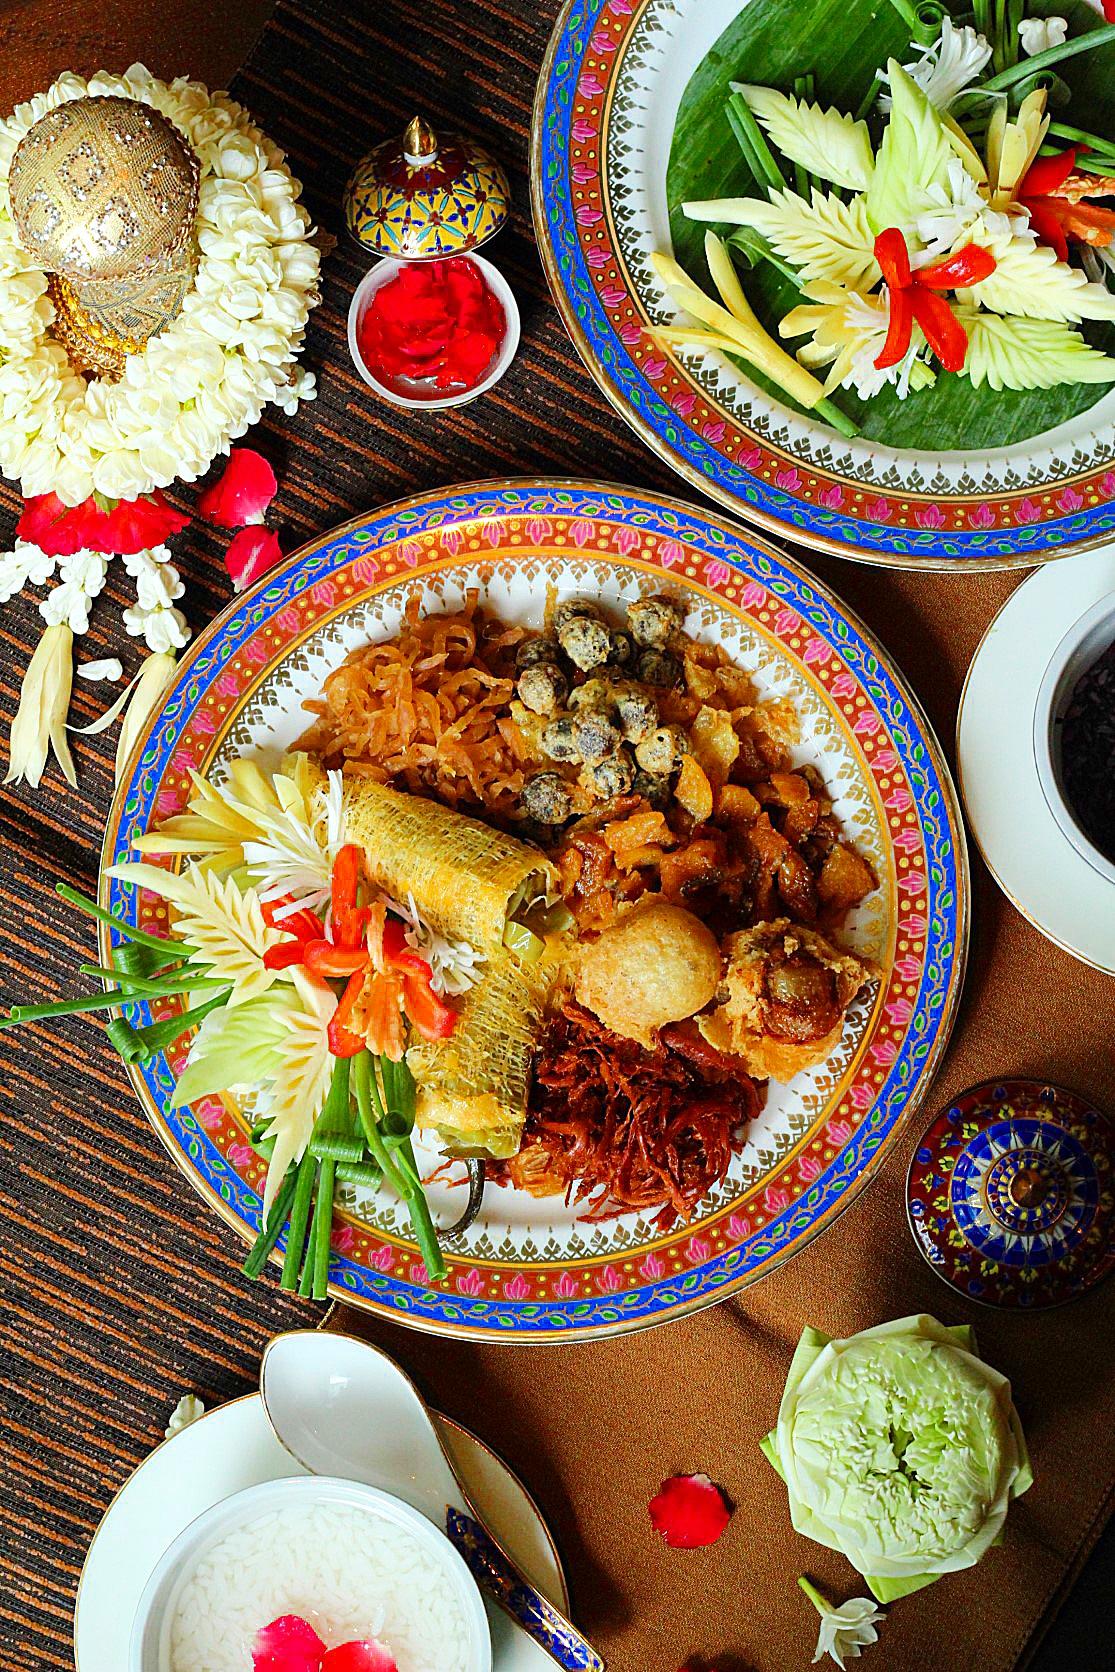 """สดชื่น คลายร้อน กับ """"ข้าวแช่ต้นตำรับชาววัง"""" ณ ห้องอาหารปทุมมาศ โรงแรม เดอะ สุโกศล กรุงเทพ ตลอดเดือนเมษายน 2563"""